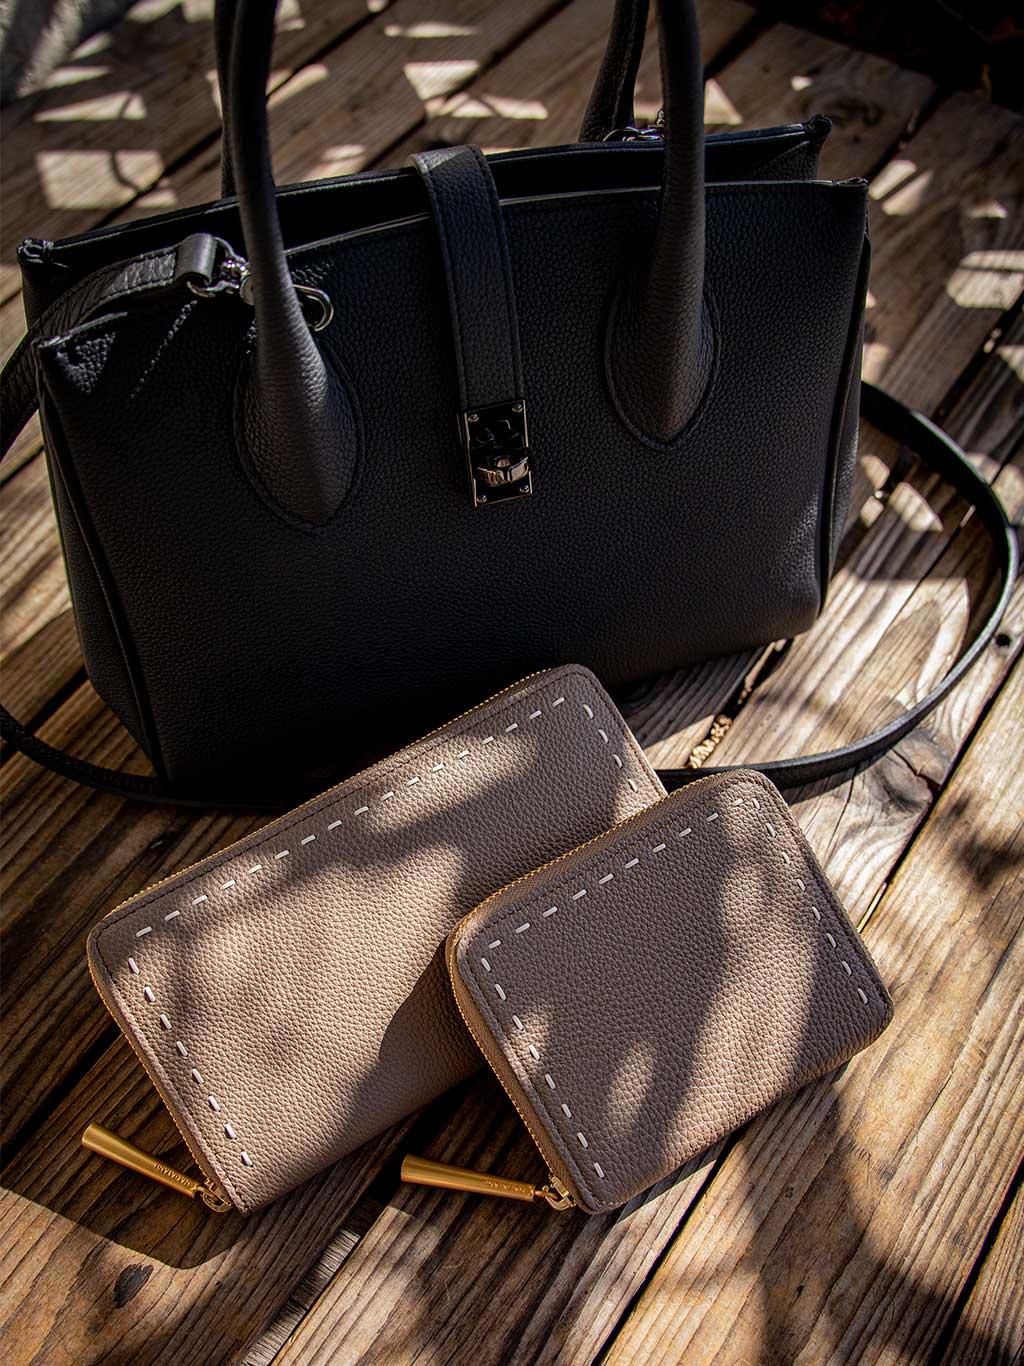 日本製 NAGATANI 最高級シュリンクレザー・エスポワールで造るロングセラーで人気のラウンドファスナー長財布『SAHO』と二つ折財布『BONNY』にOAK(通常色)が登場。